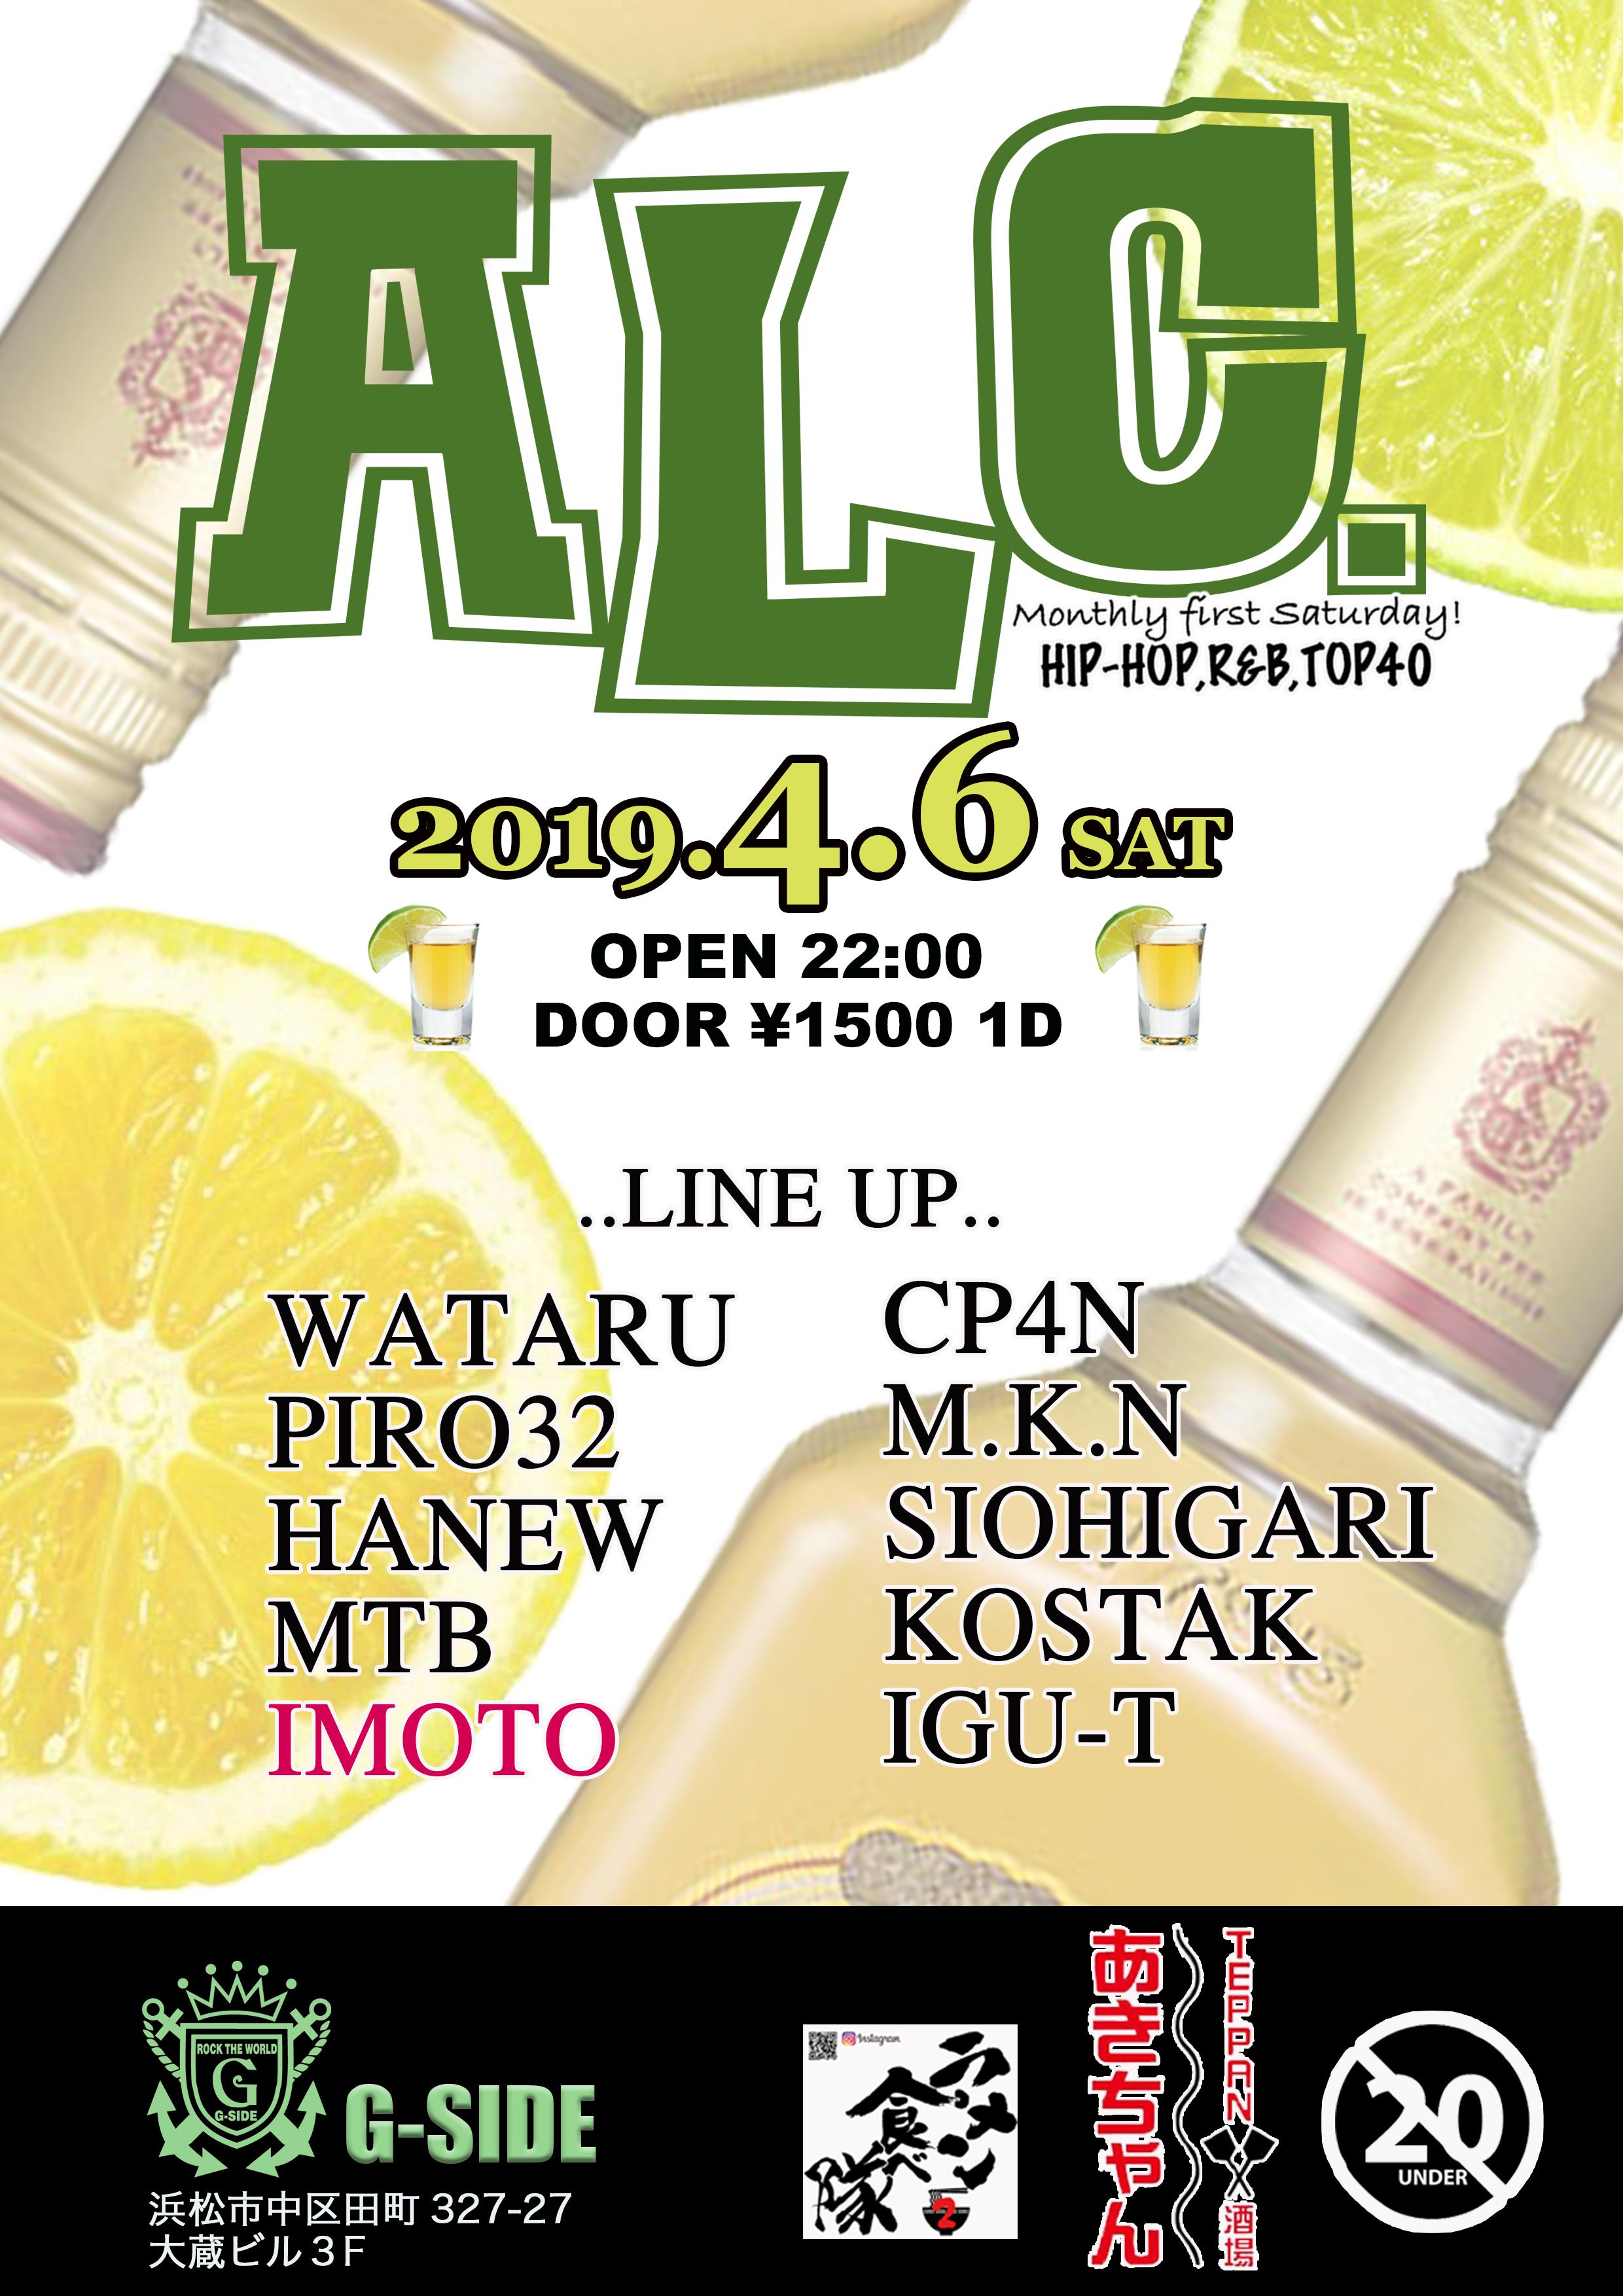 4月6日土曜日 ALC. vol.3